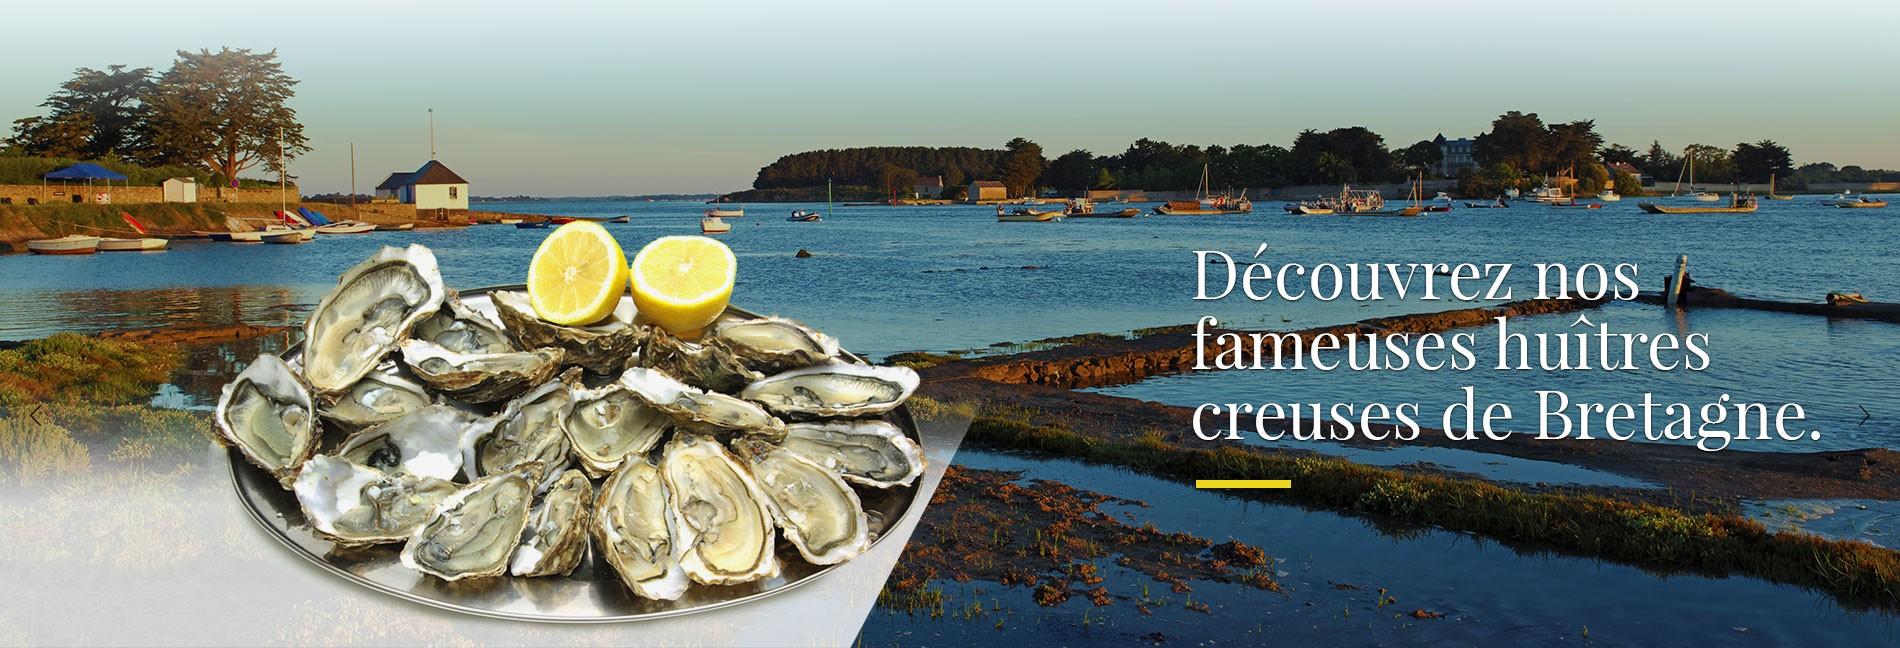 Découvrez nos fameuses huîtres de Bretagne